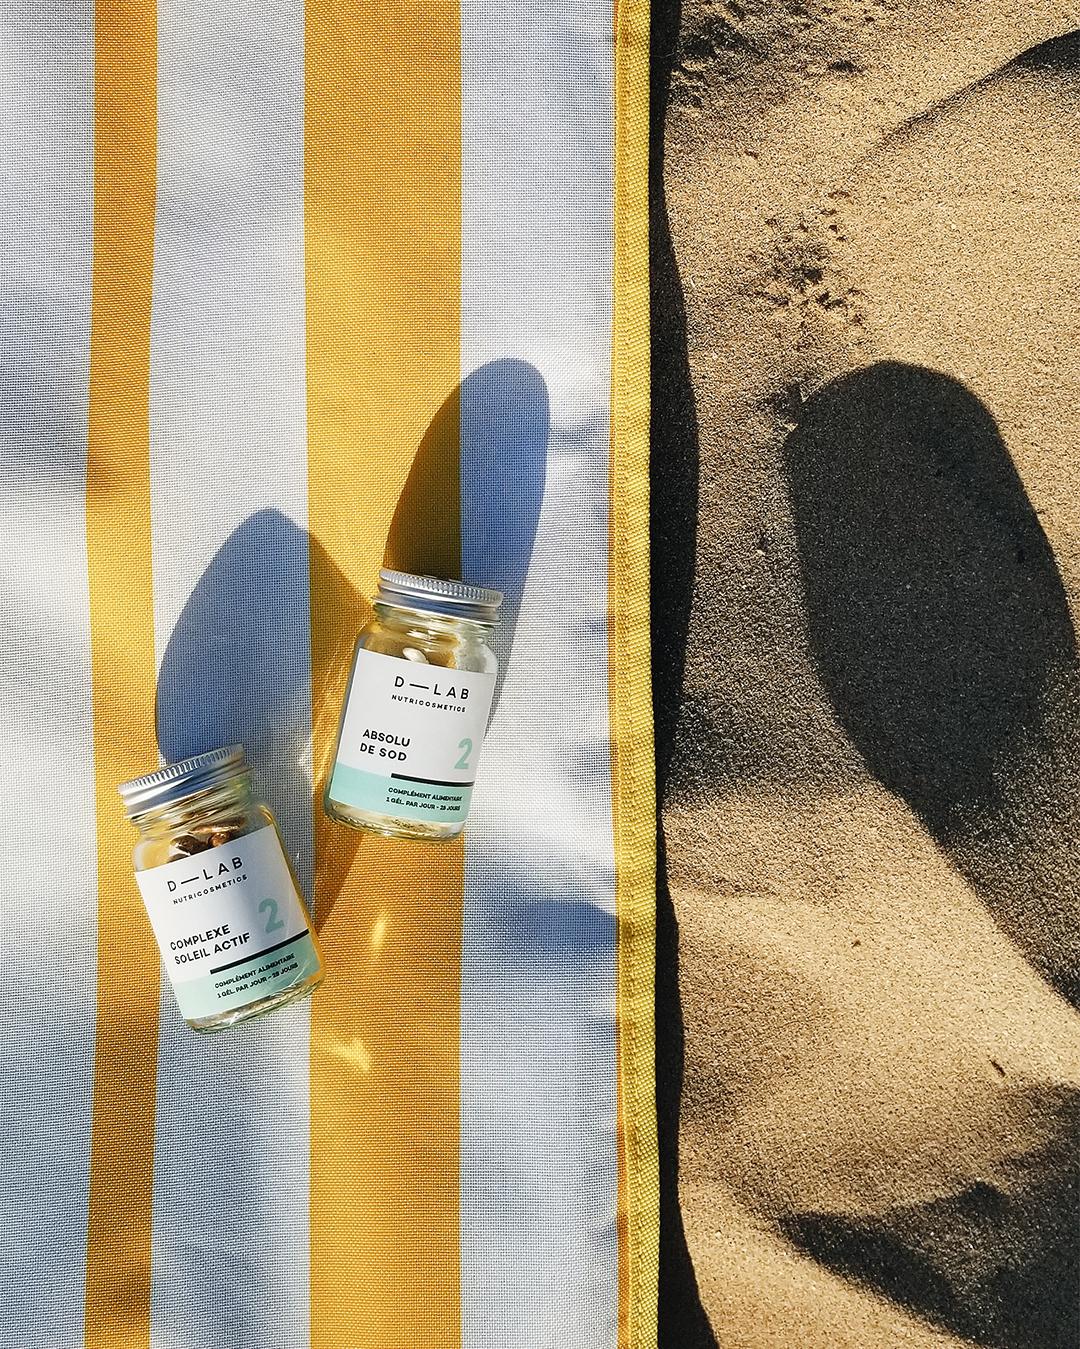 Cure D-Lab Complexe Soleil Actif